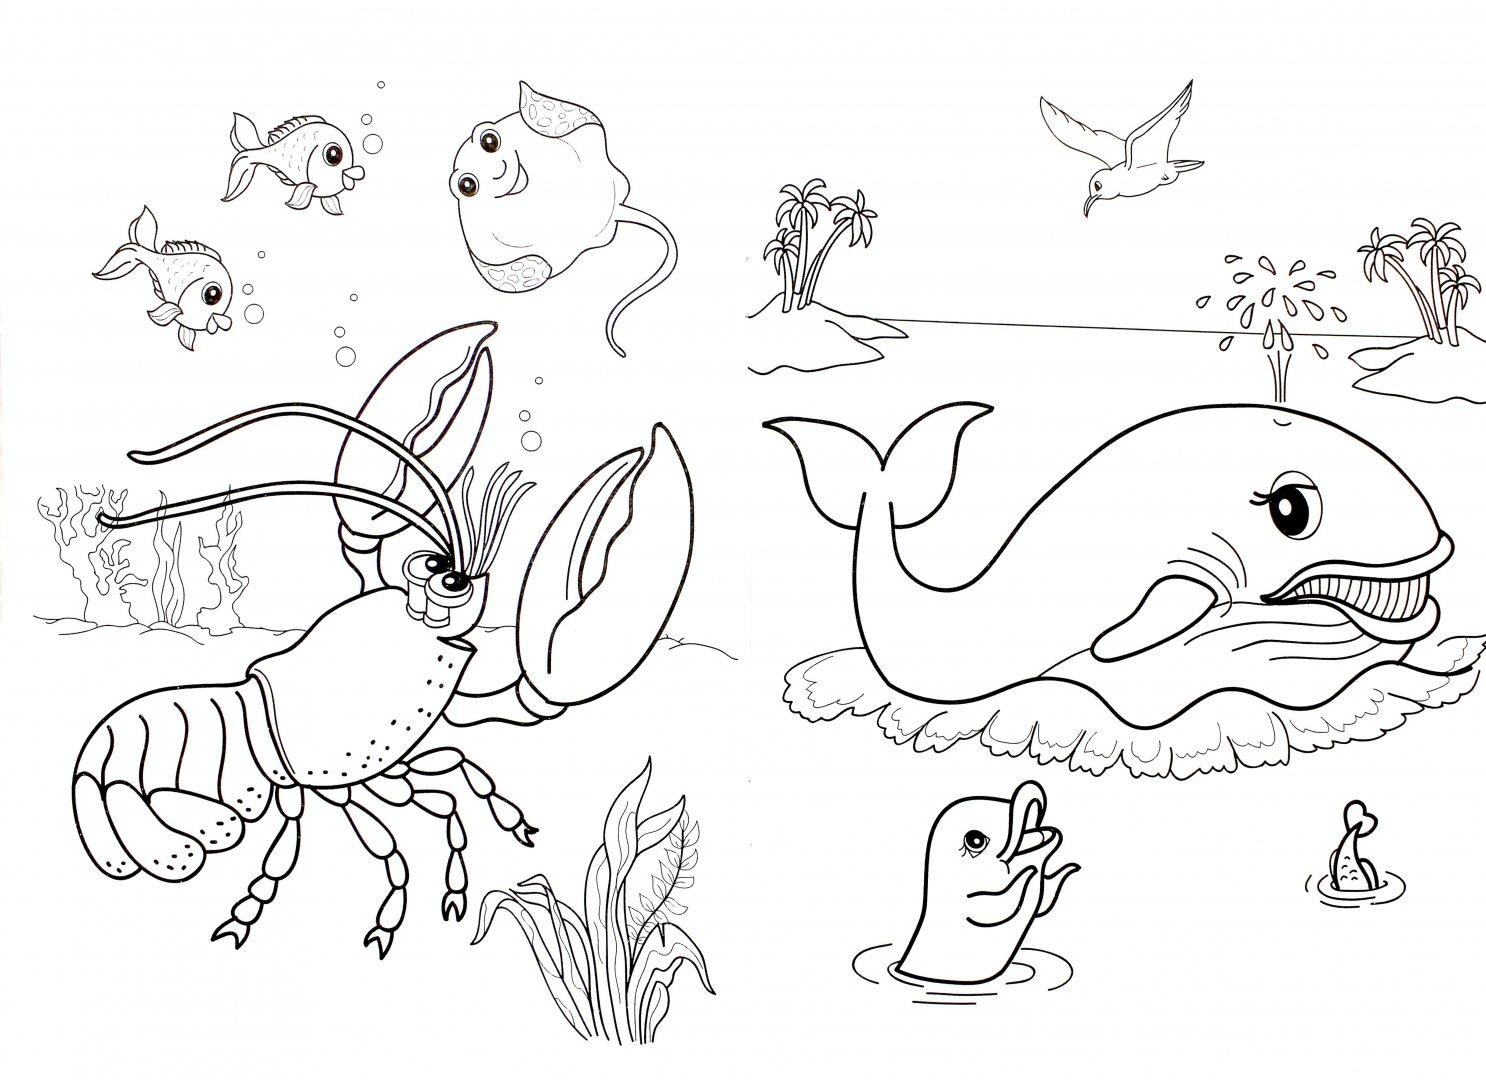 Картинка подводный мир раскраска, картинки мультяшные открытки